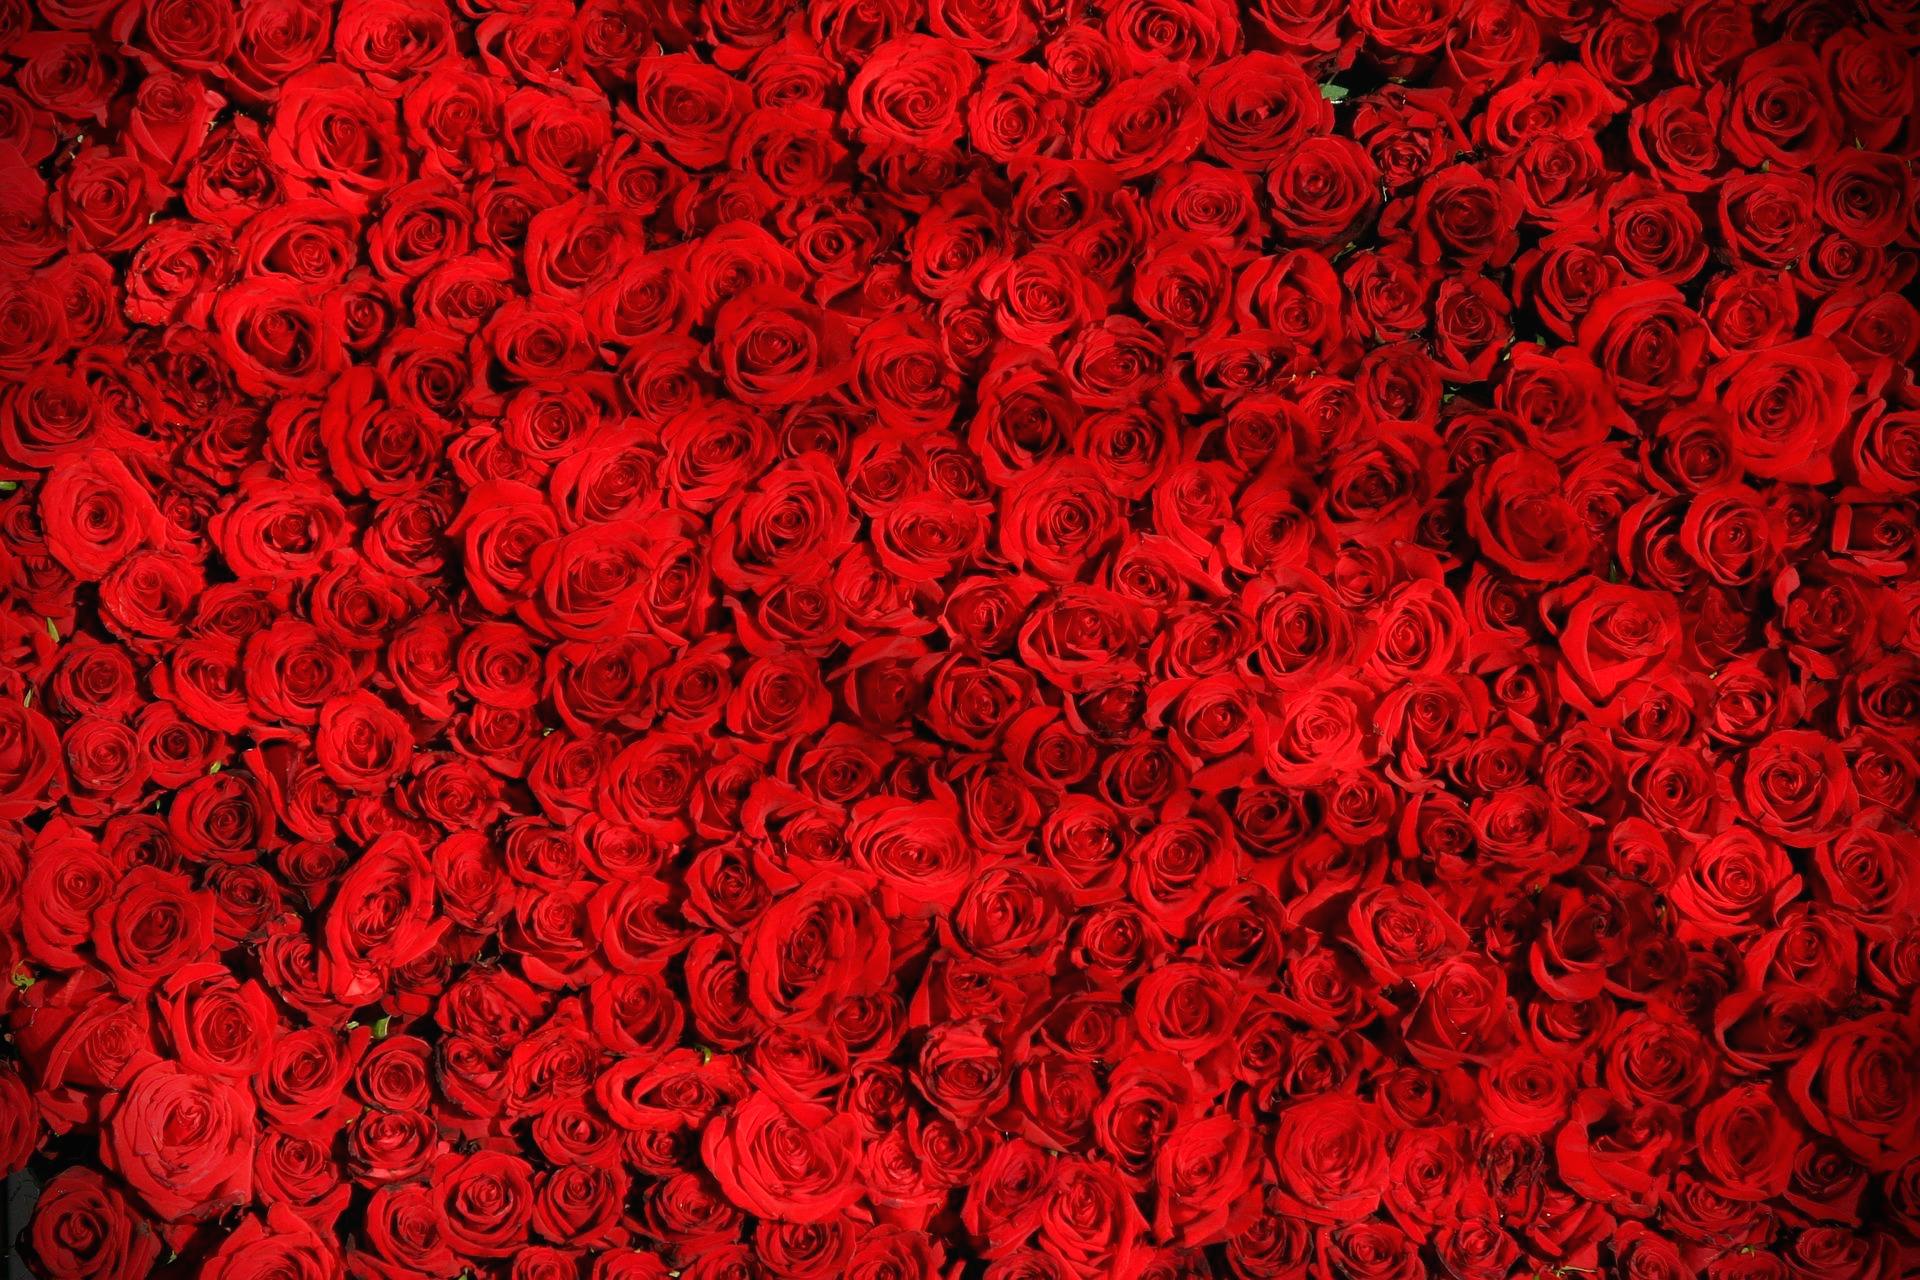 붉은장미개수의미